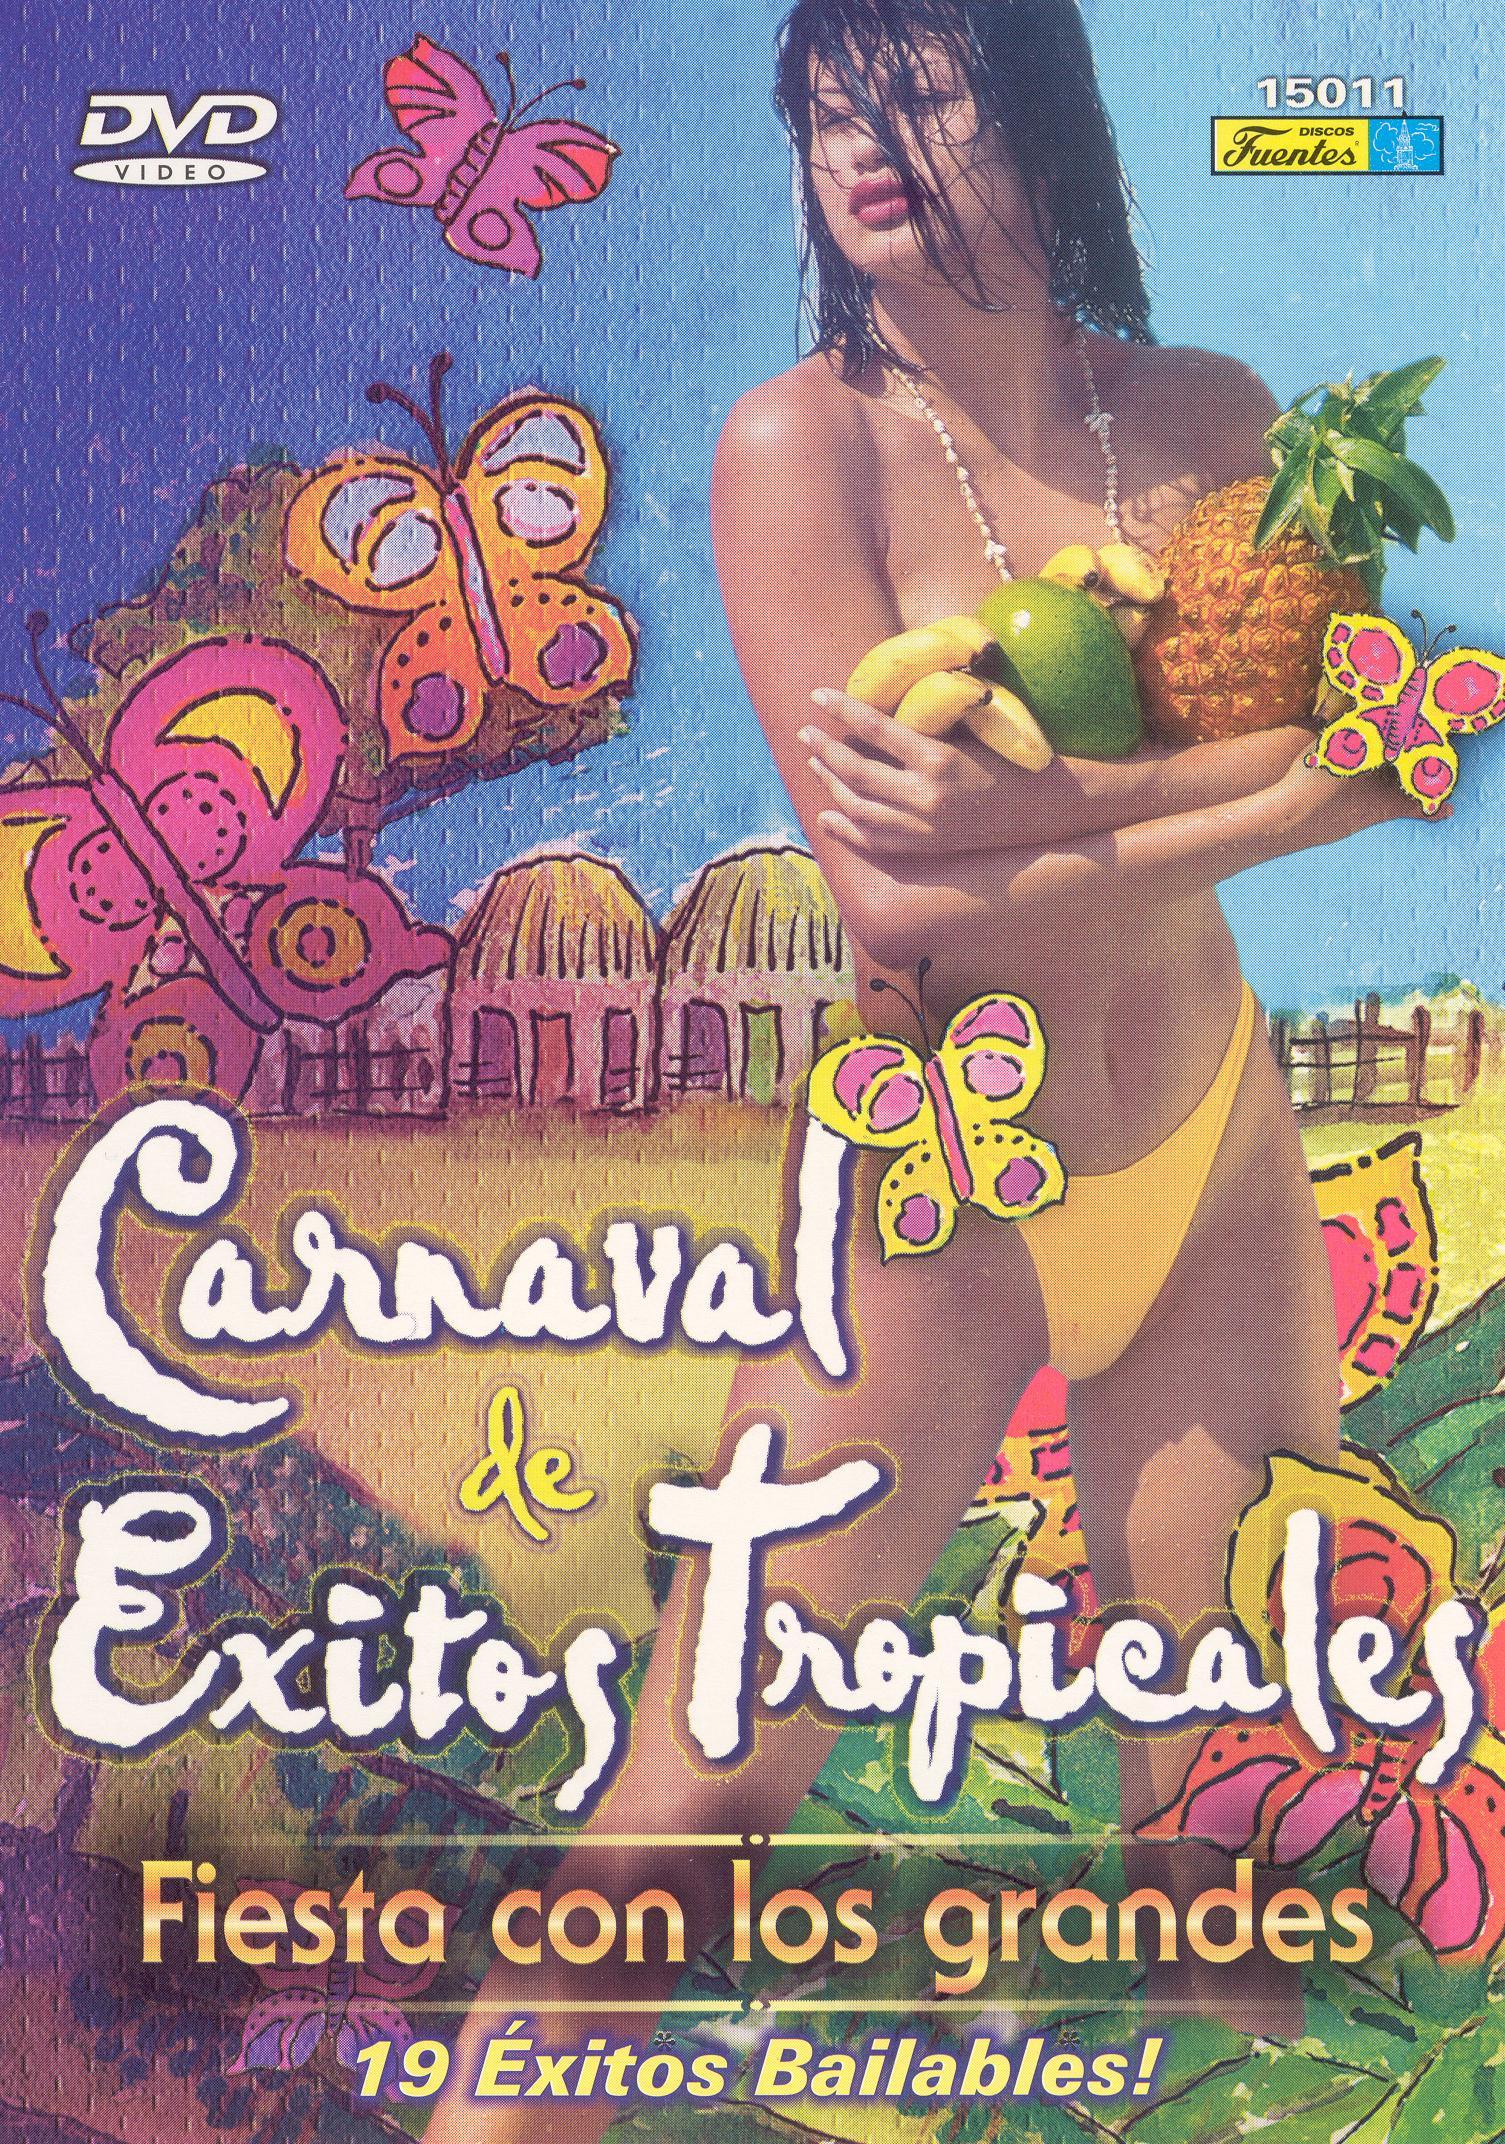 Carnaval De Exitos Tropicales: Fiesta Con Los Gran